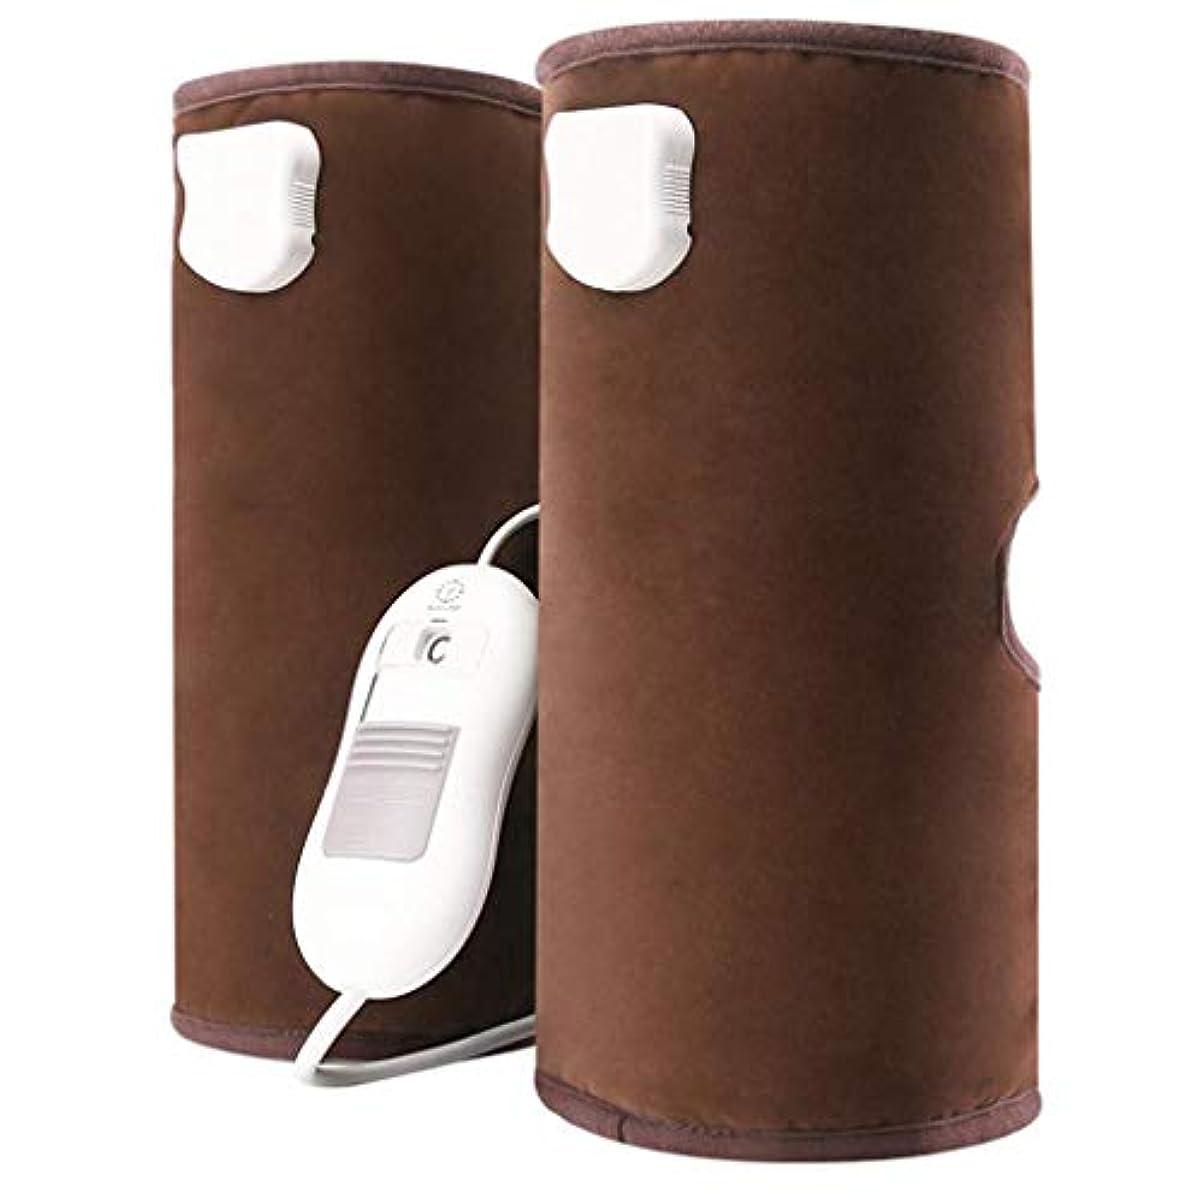 かわいらしい郵便局報酬循環と筋肉の痛みを軽減するための電熱膝パッド空気圧縮脚マッサージ、(青、赤、茶色)父の日ギフト,Brown